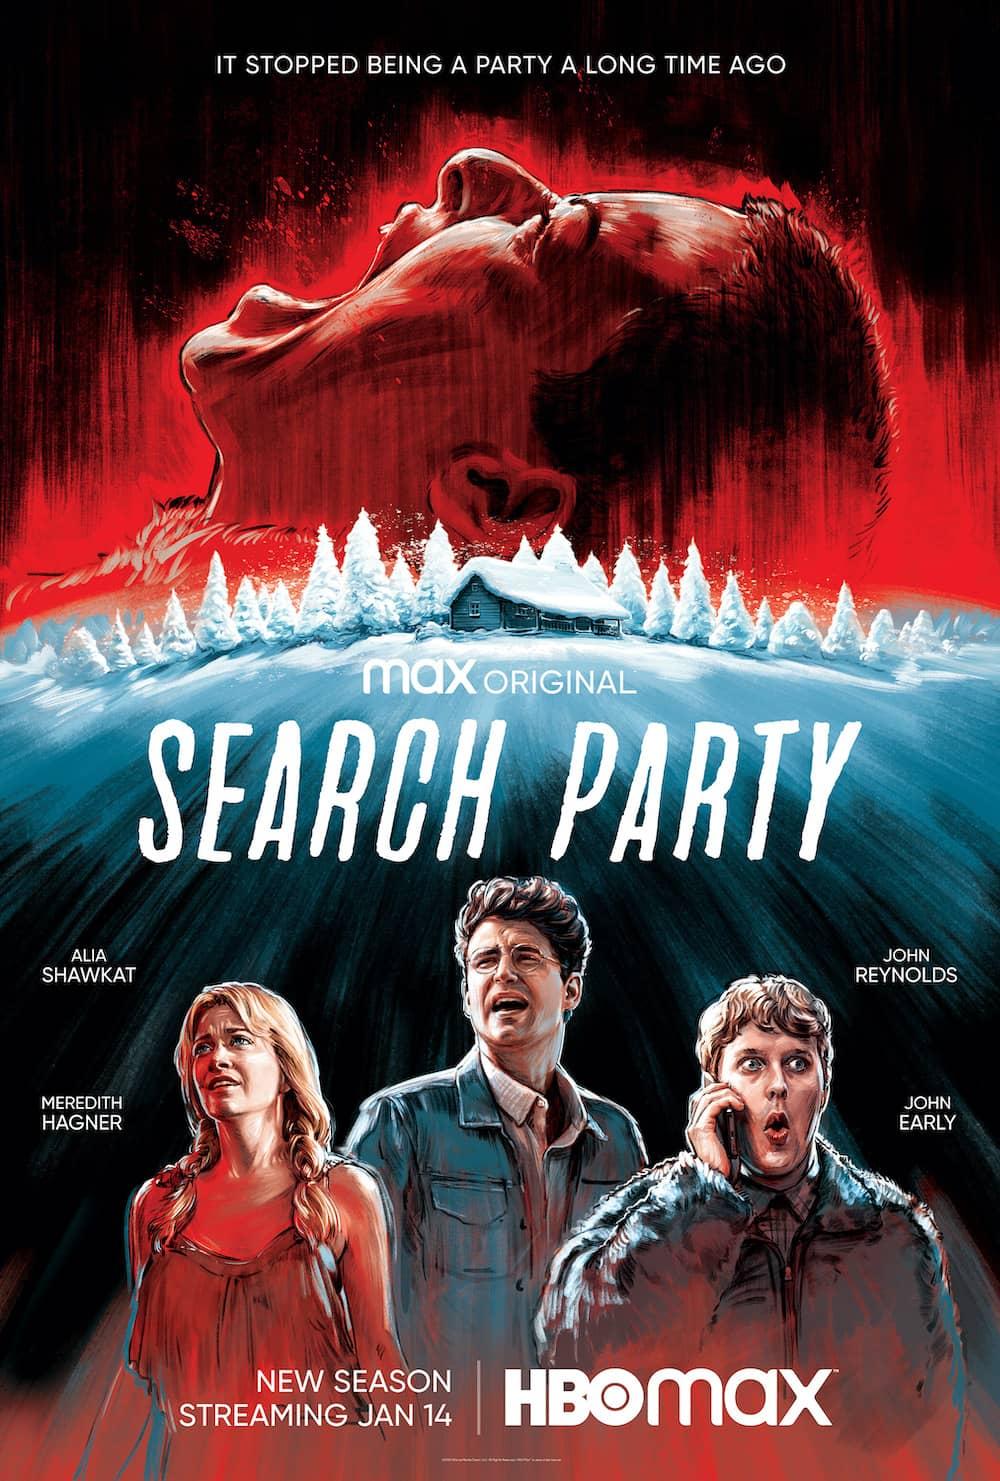 Search Party Season 4 Poster Key Art